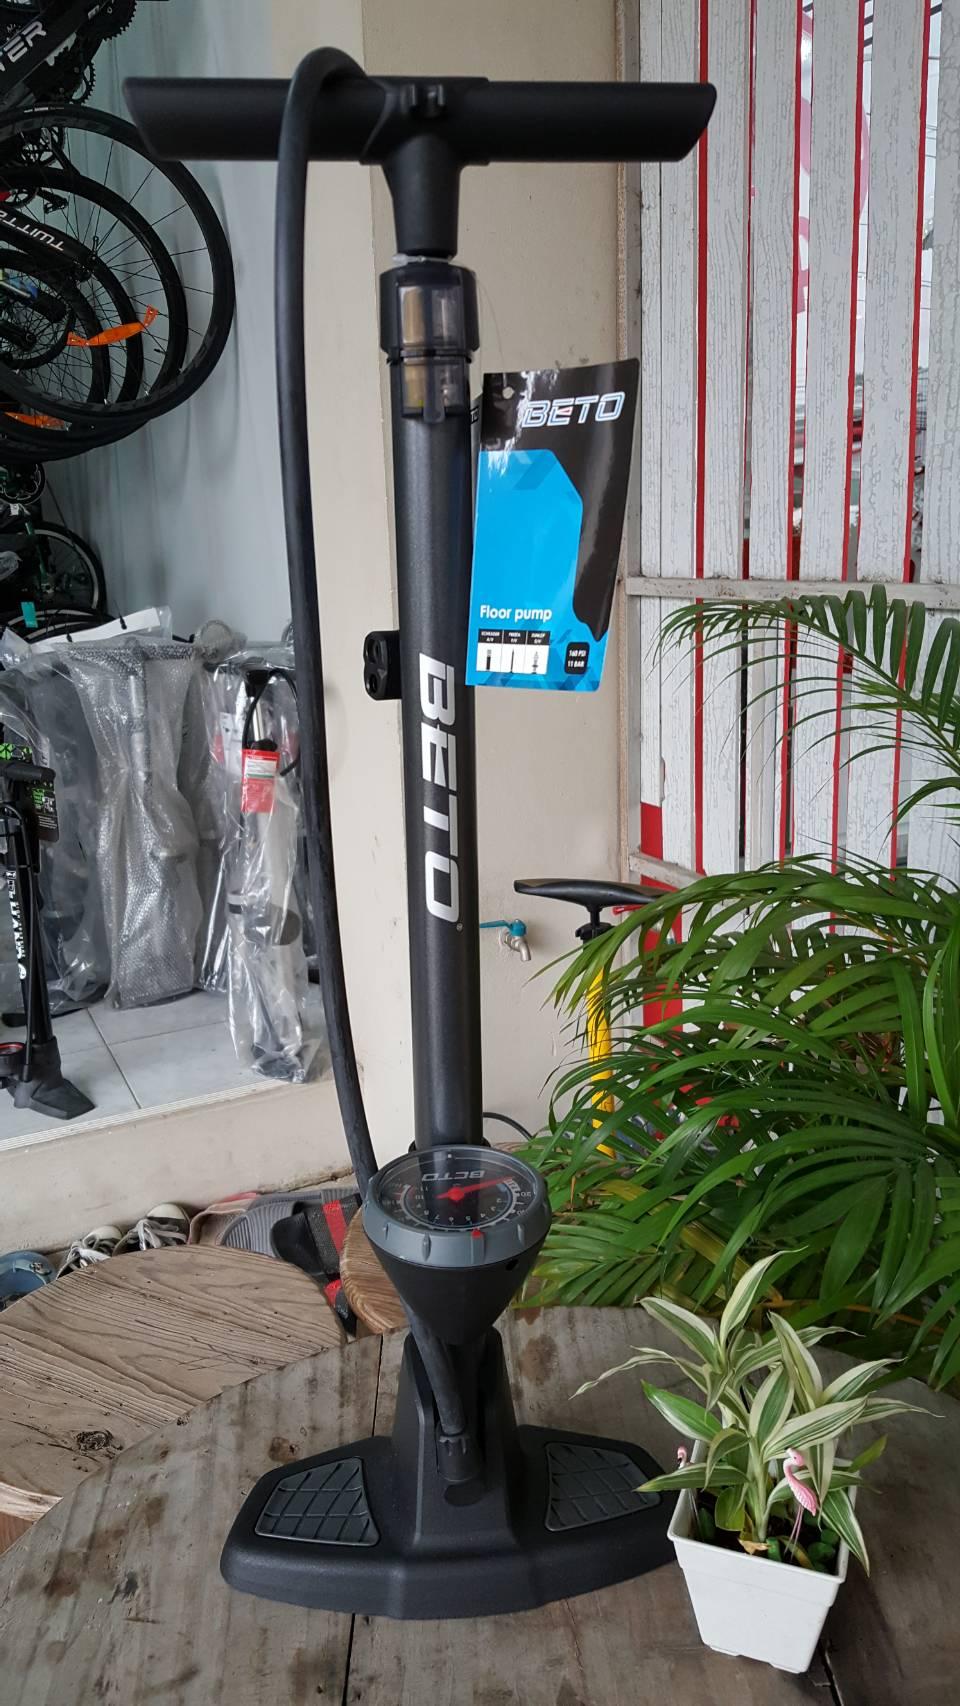 สูบลมตั้งพื้น ยี่ห้อ Beto สีเทา แบบมีเกจจ์วัด Max 160 psi หัวสูบแบบ 2 หัวสำหรับจุ๊ฟเล็กและจุ๊ฟใหญ่